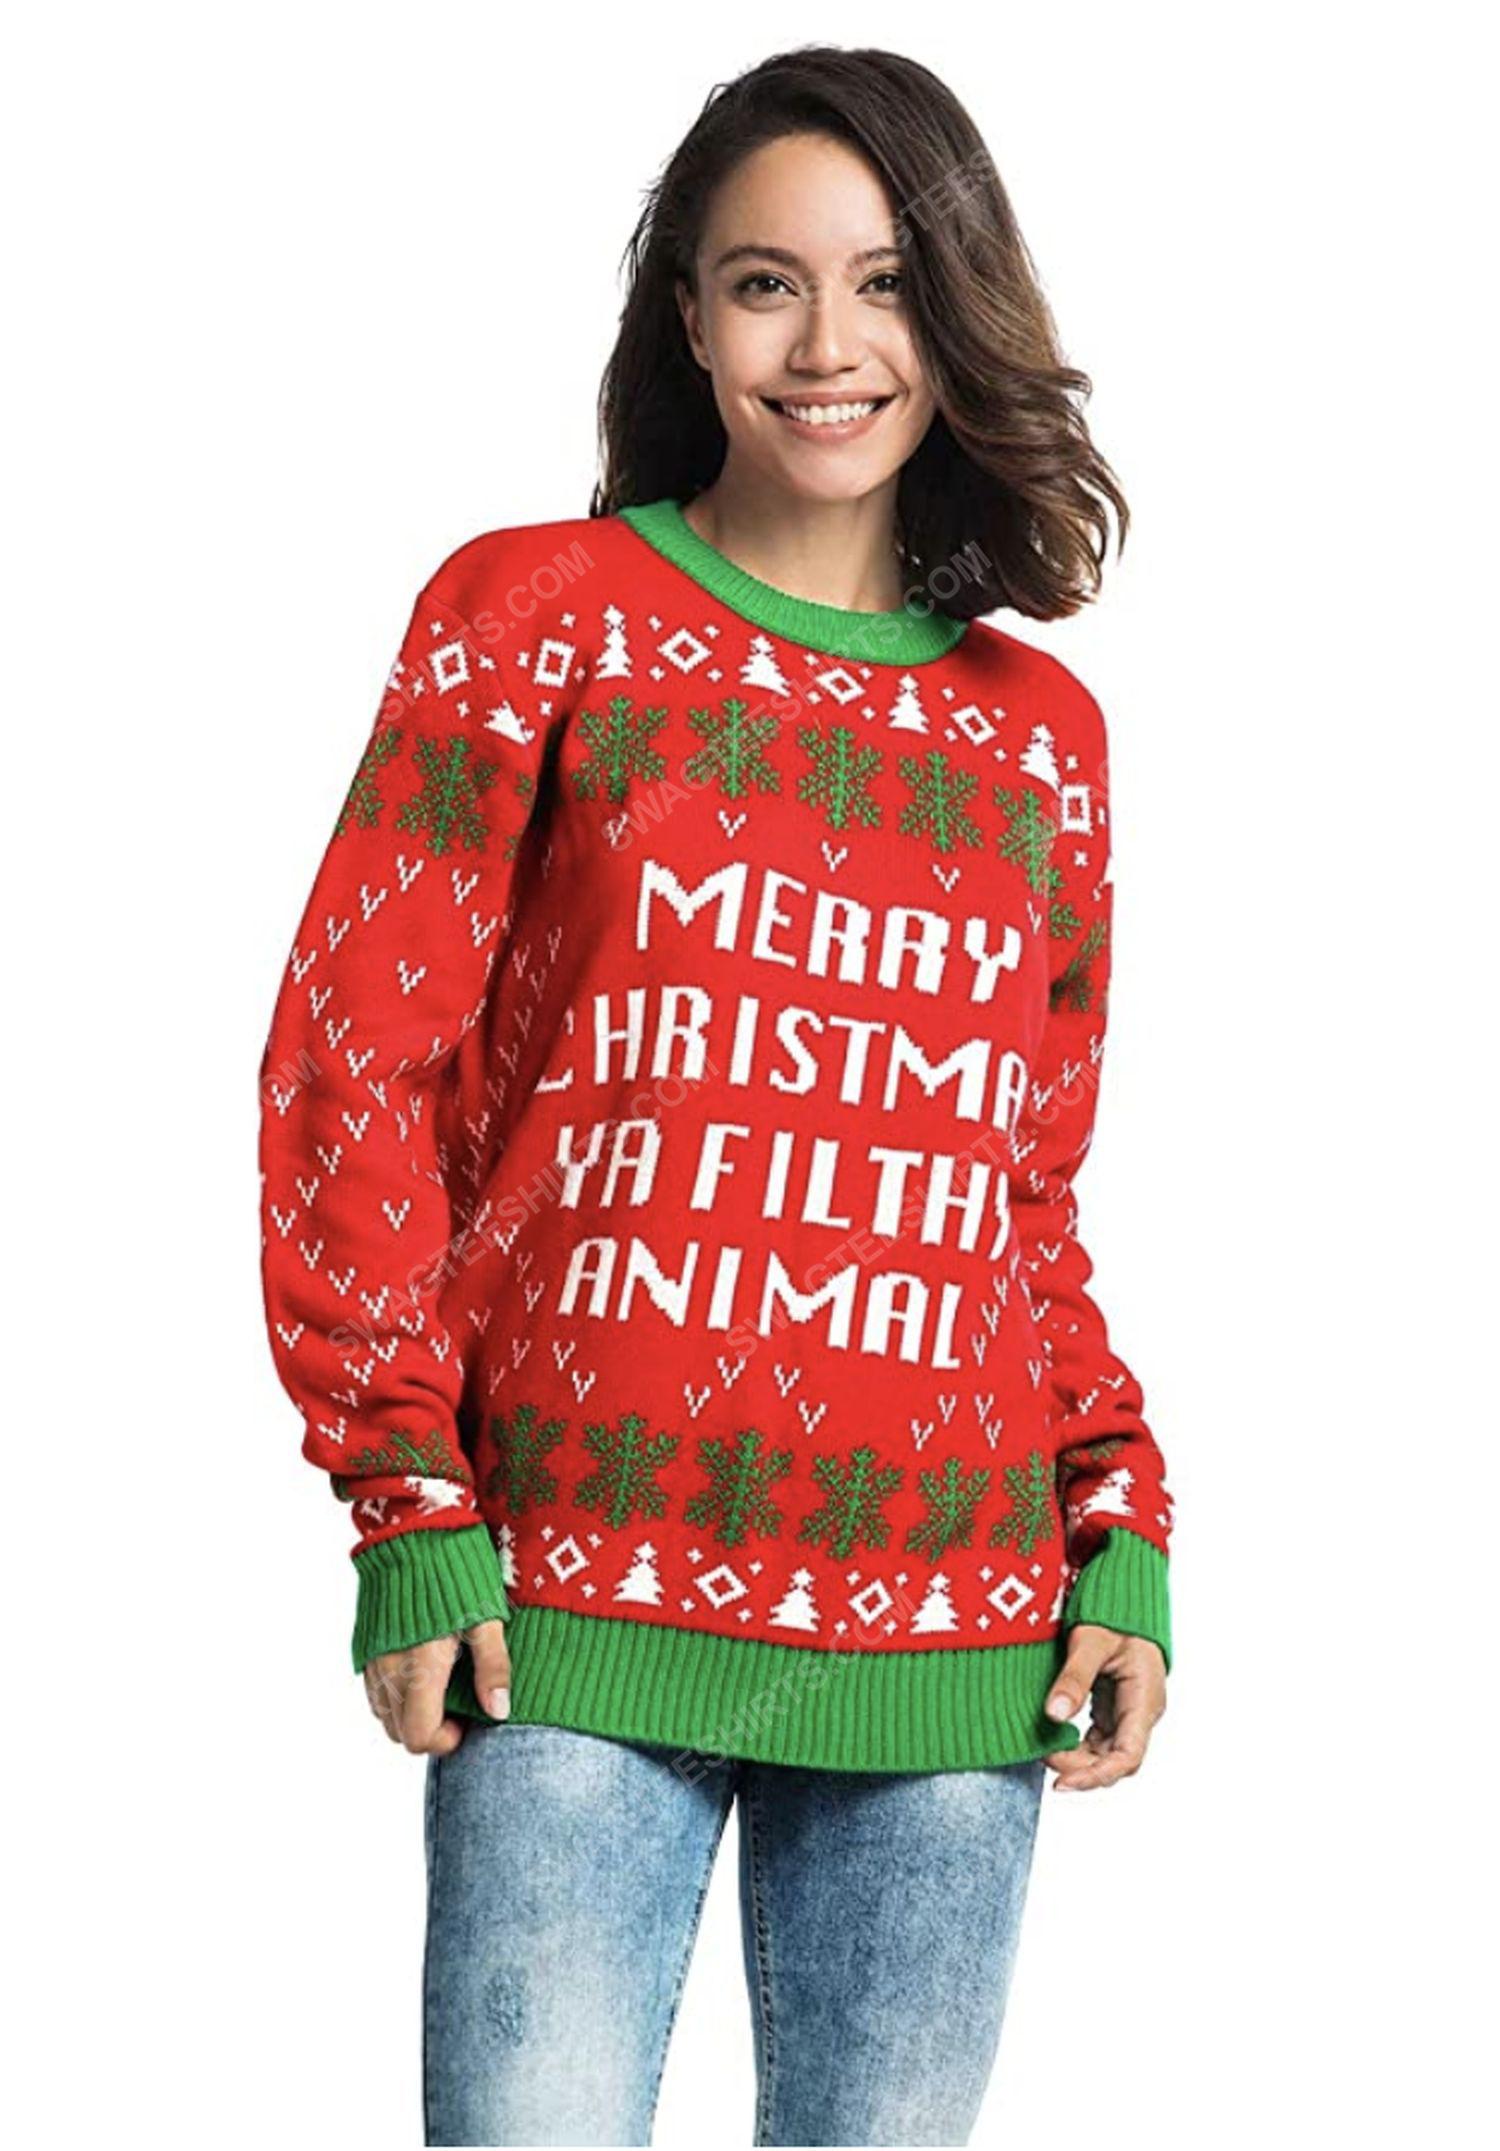 Merry christmas ya filthy animal full print ugly christmas sweater 2 - Copy (2)